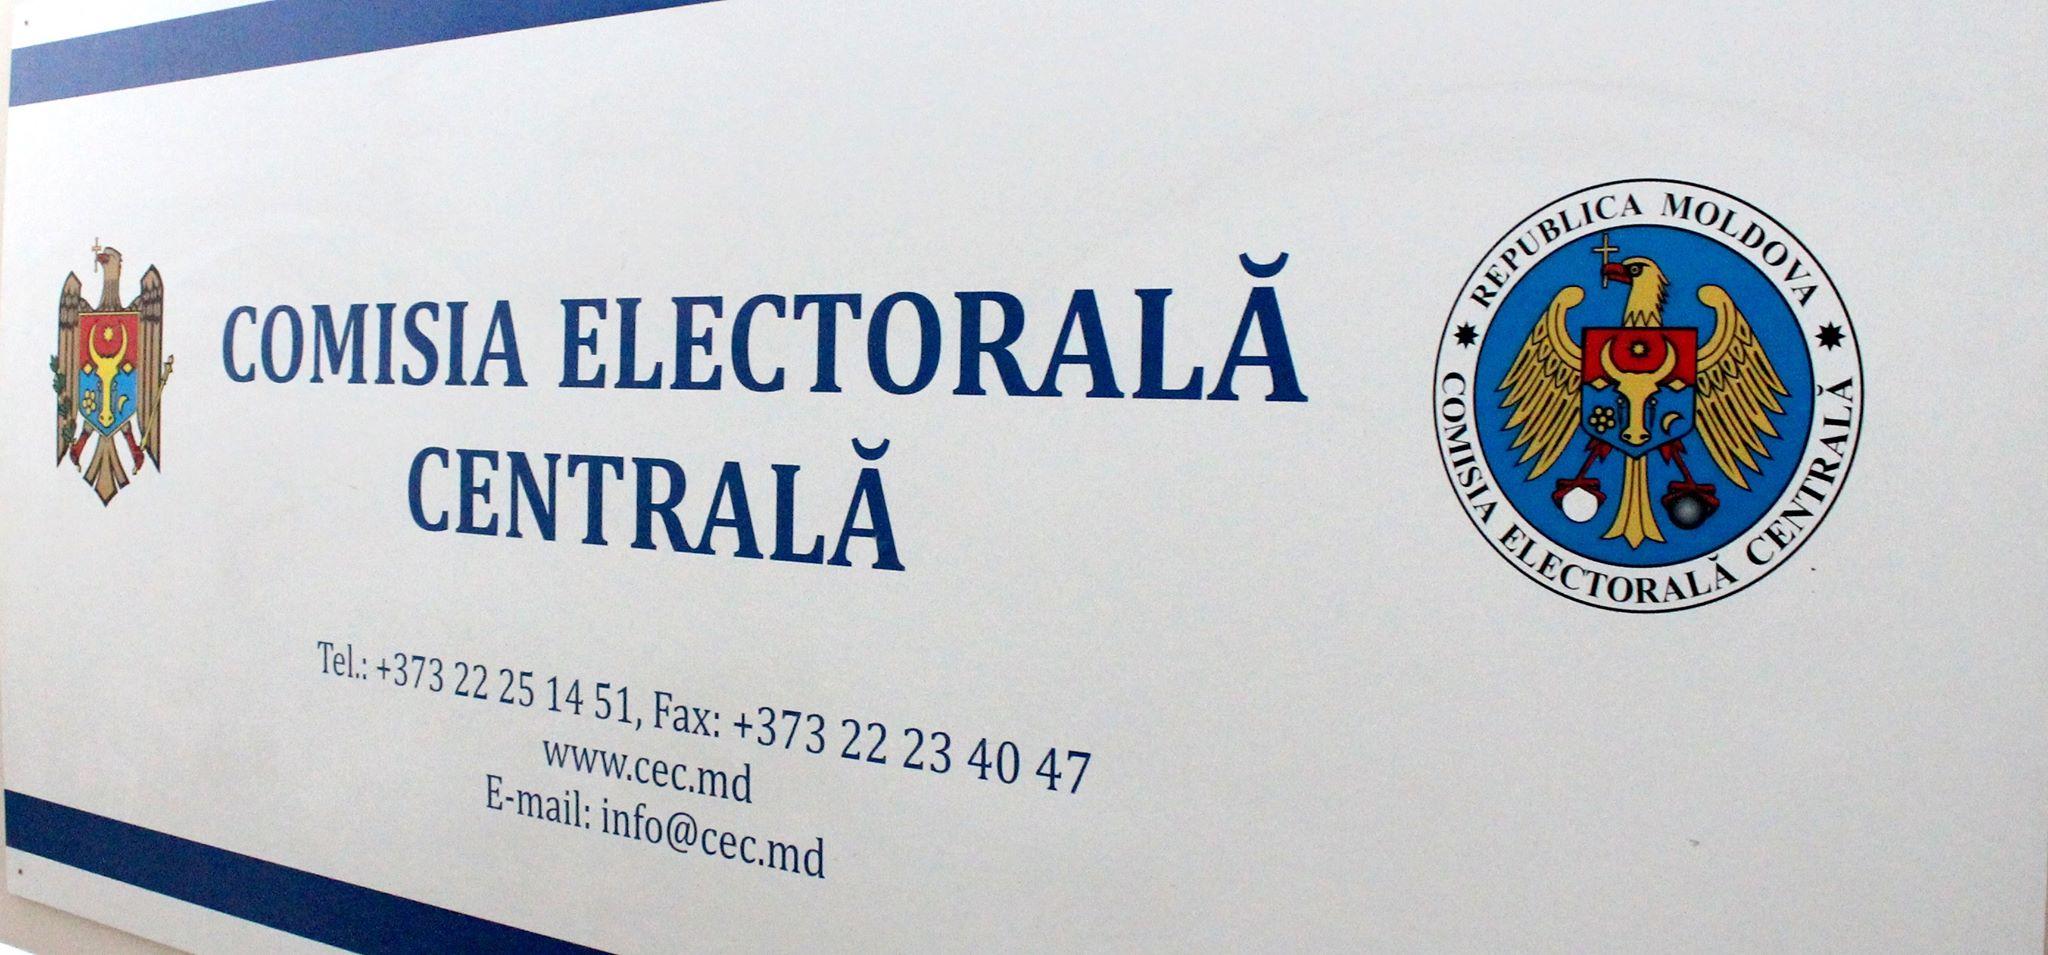 Prezidențiale: Peste 60 de mii de cetățeni cu drept de vot aflați în străinătate, precum și în localitățile din stânga Nistrului, s-au înregistrat prealabil